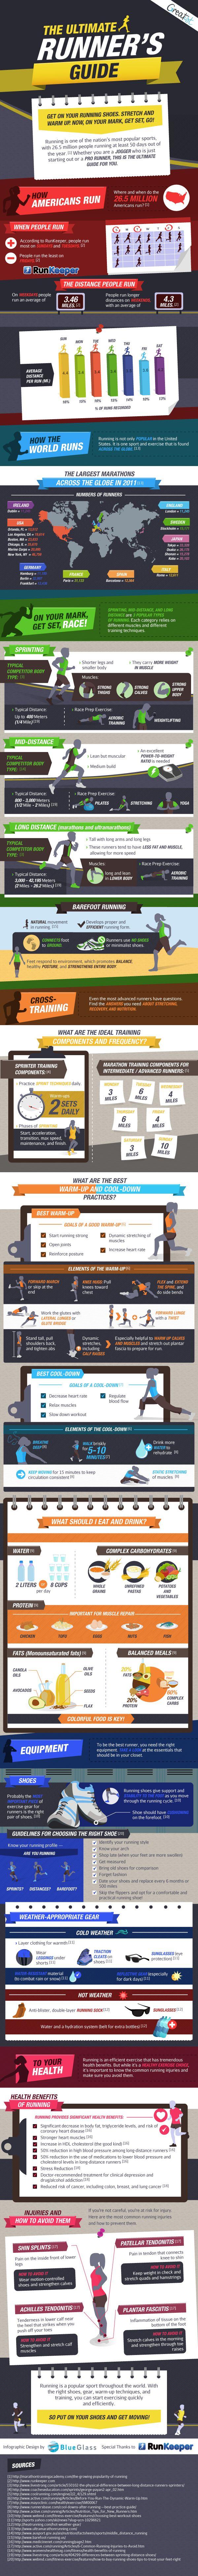 Runner's Guide :)